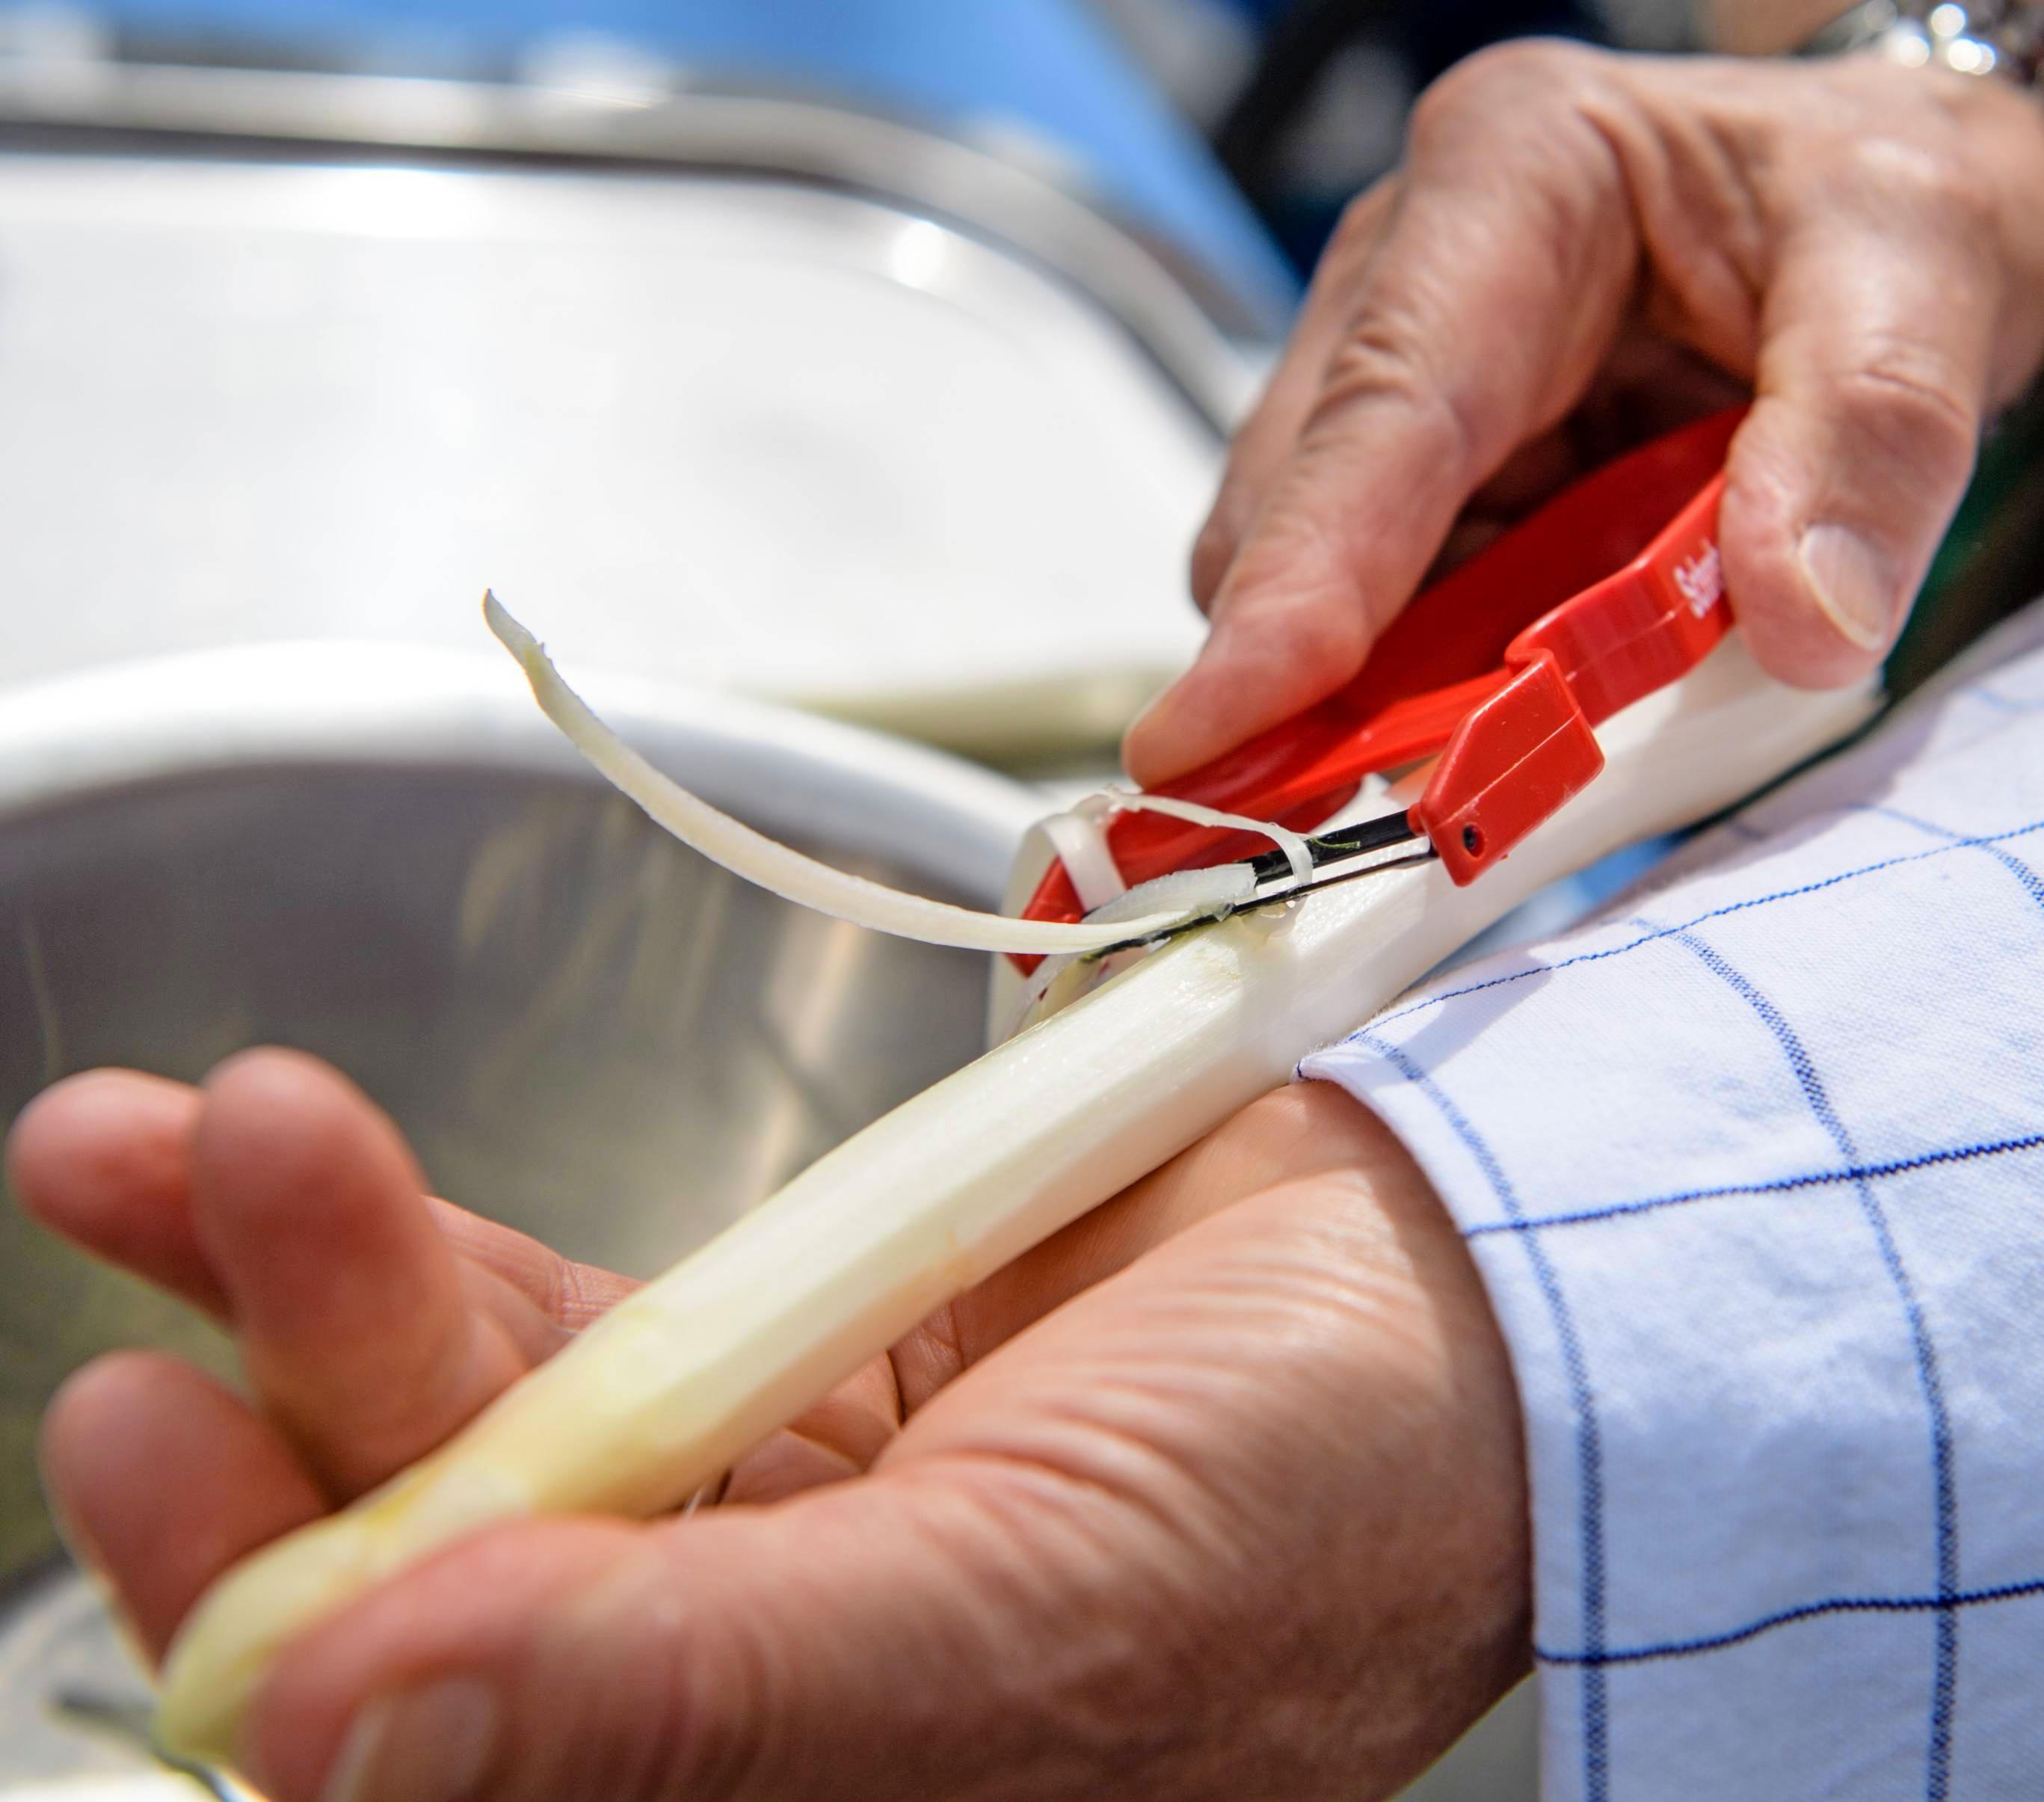 Spargel lässt sich am besten schälen, wenn man ihn in die flache Hand legt, den Schäler am Kopf ansetzt und mit leichtem Druck nach unten durchzieht. Fotos: dpa